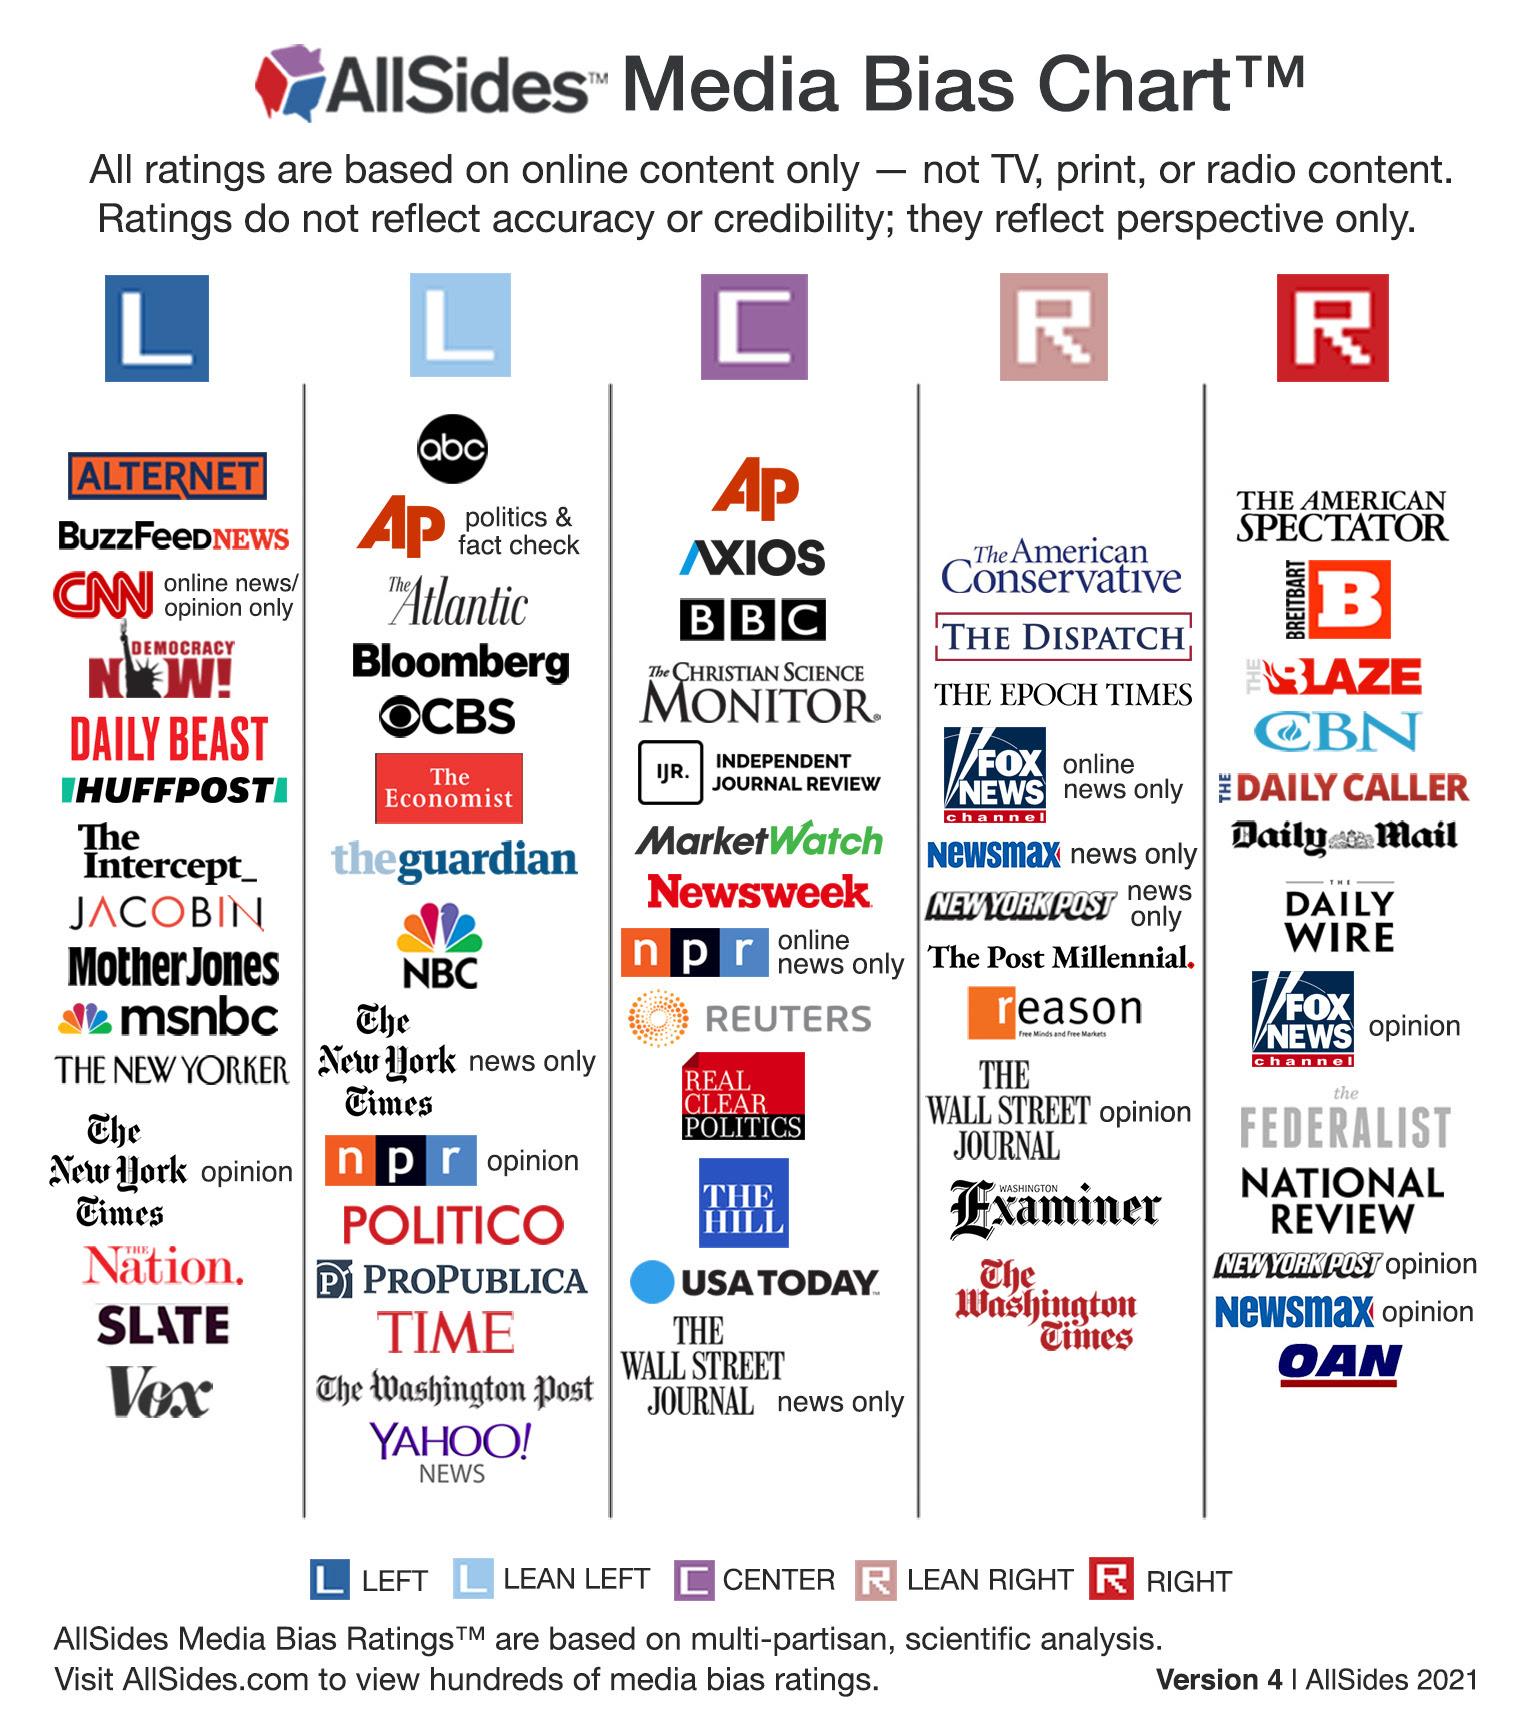 AllSides Media Bias Chart™, Version 4